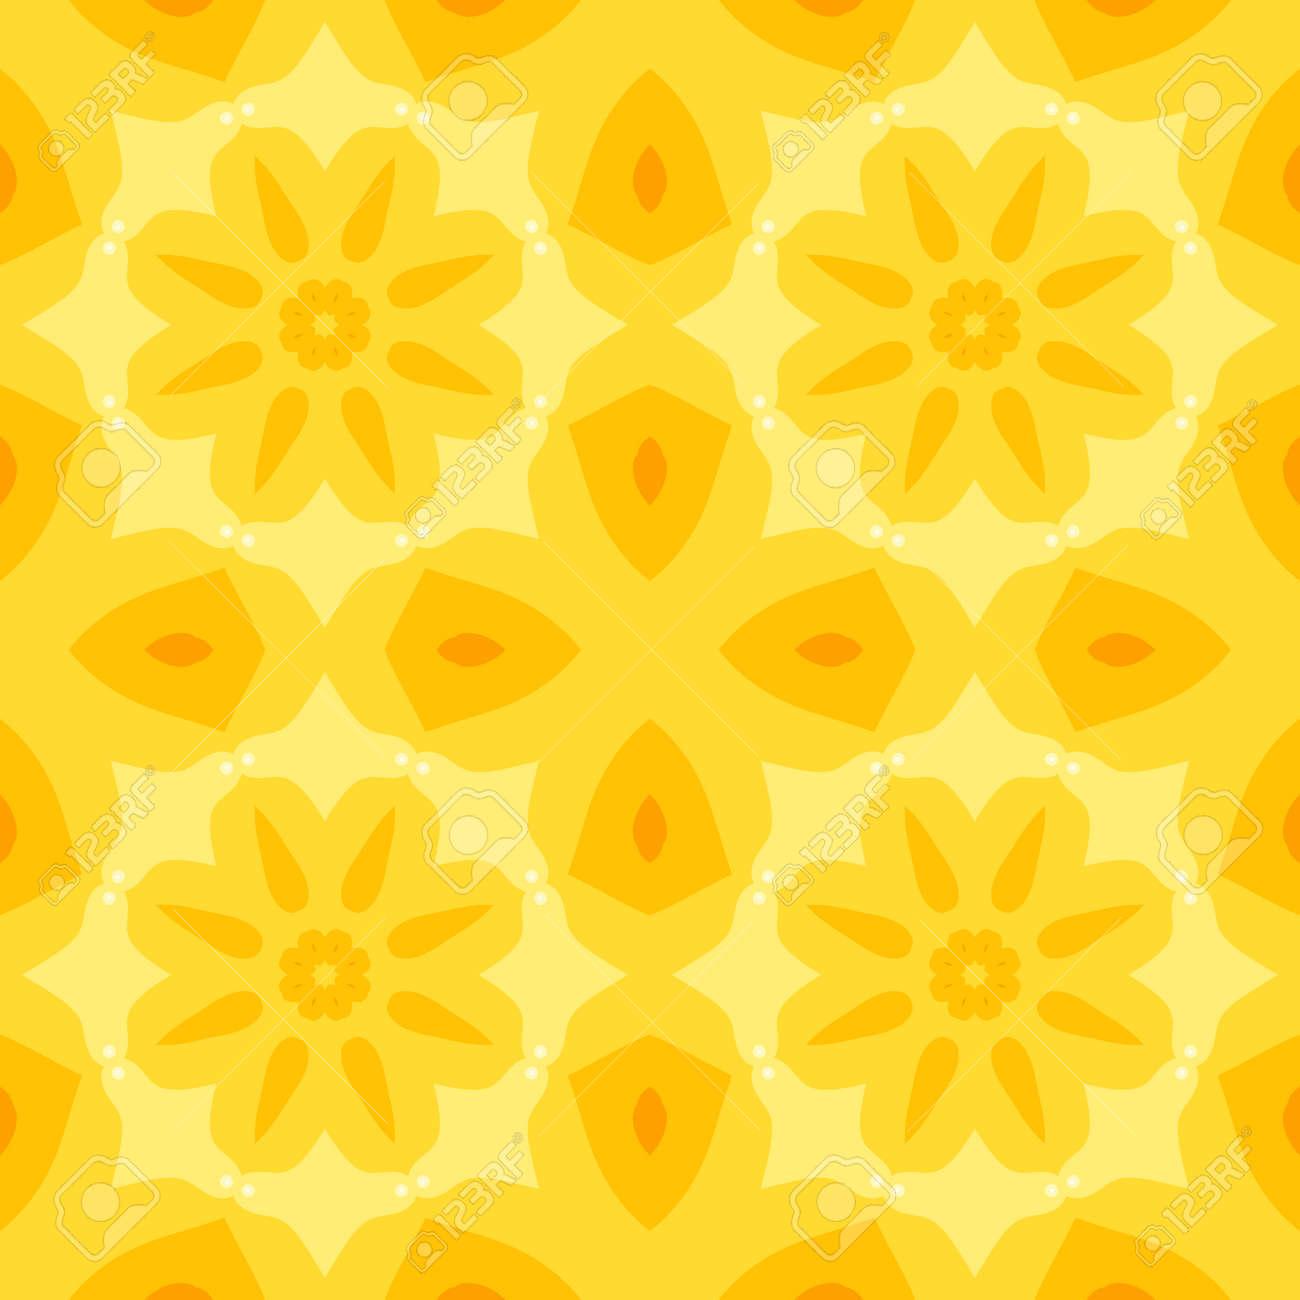 Piastrelle Cucina Con Fiori semplice trama senza soluzione di continuità con un fiore giallo e  arancione foglie stilizzate pattern. adatto per la stampa su tessuto,  lenzuola,